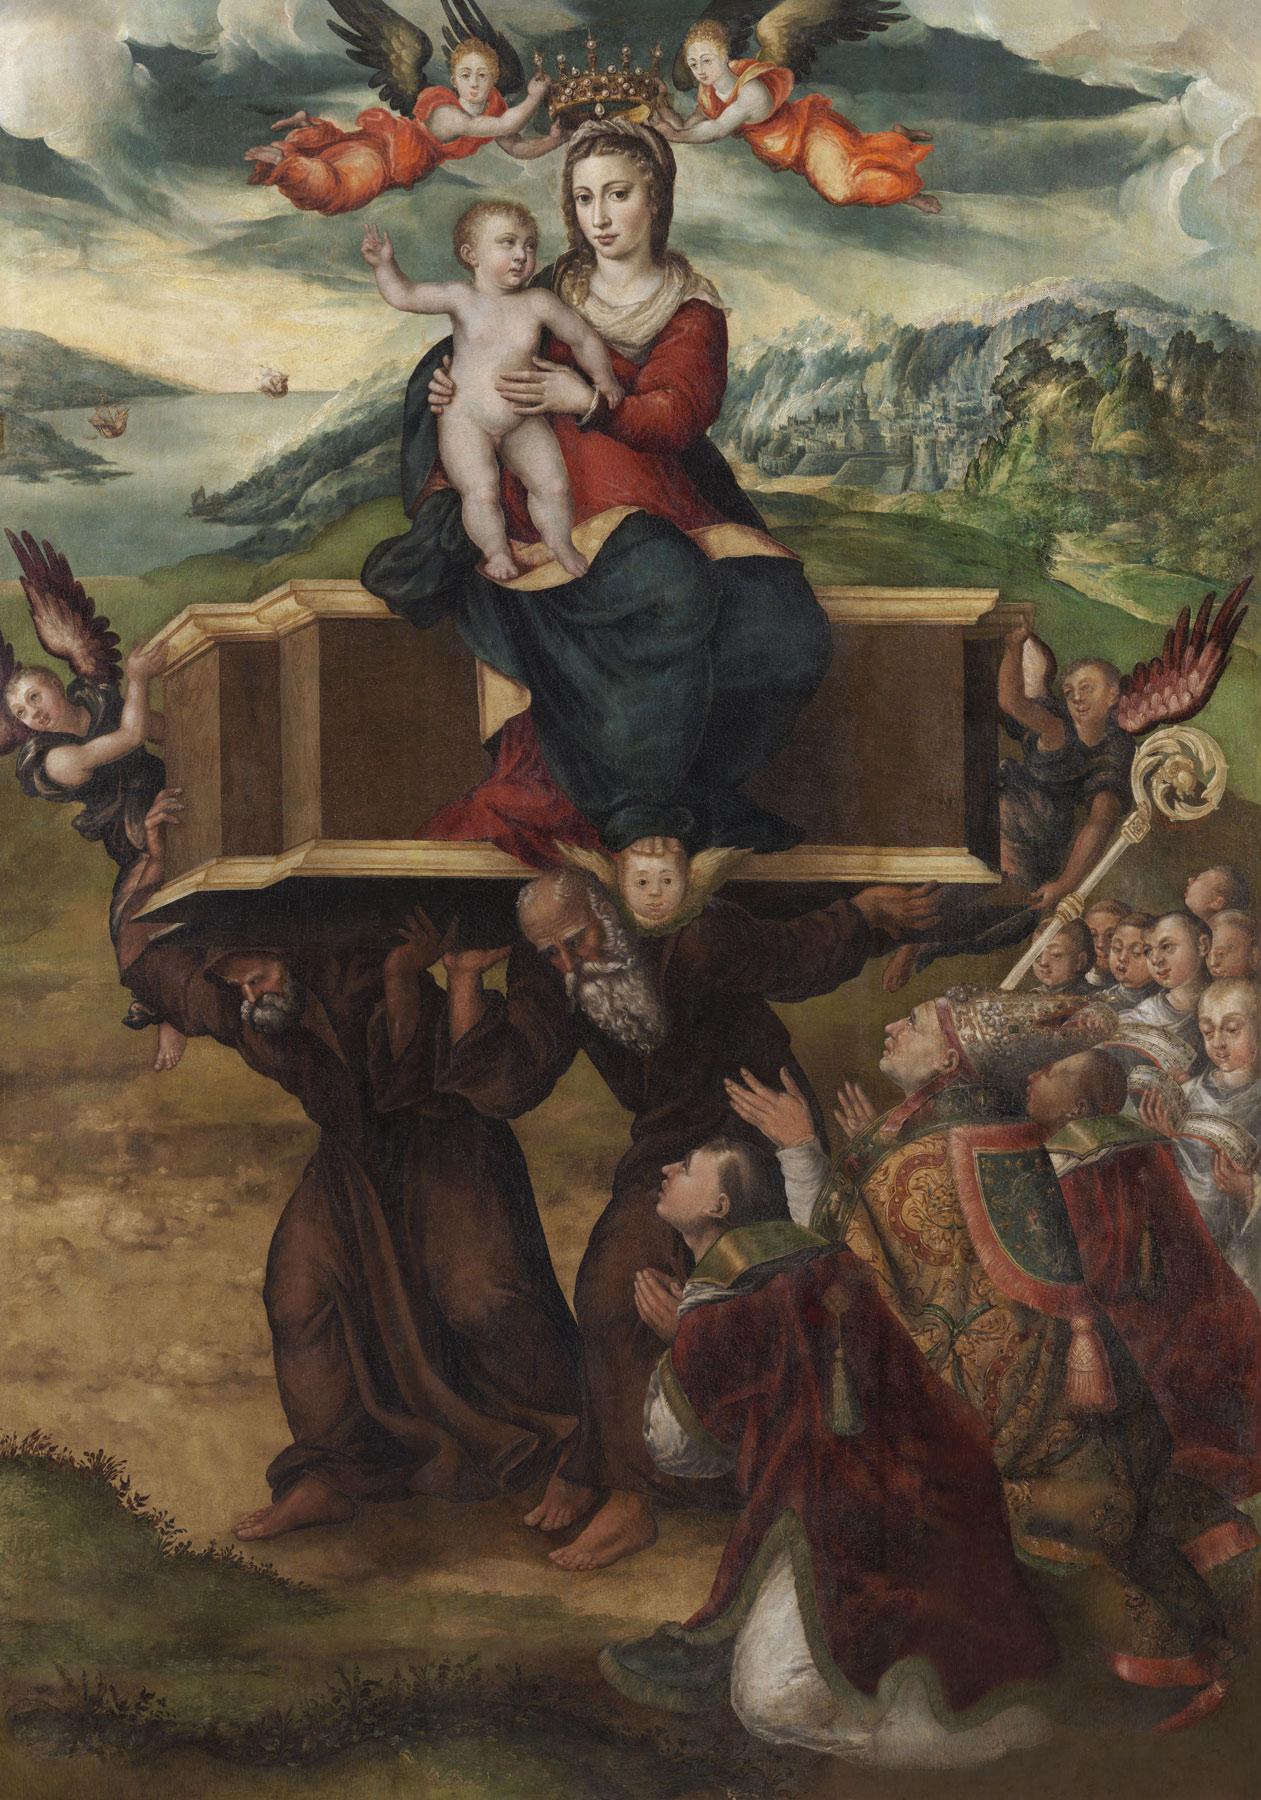 Sofonisba Anguissola, Madonna dell'Itria (1578-1579; olio su tavola, 239,5 x 170 cm; Paternò, parrocchia Santa Maria dell'Alto, chiesa dell'ex monastero della Santissima Annunziata)